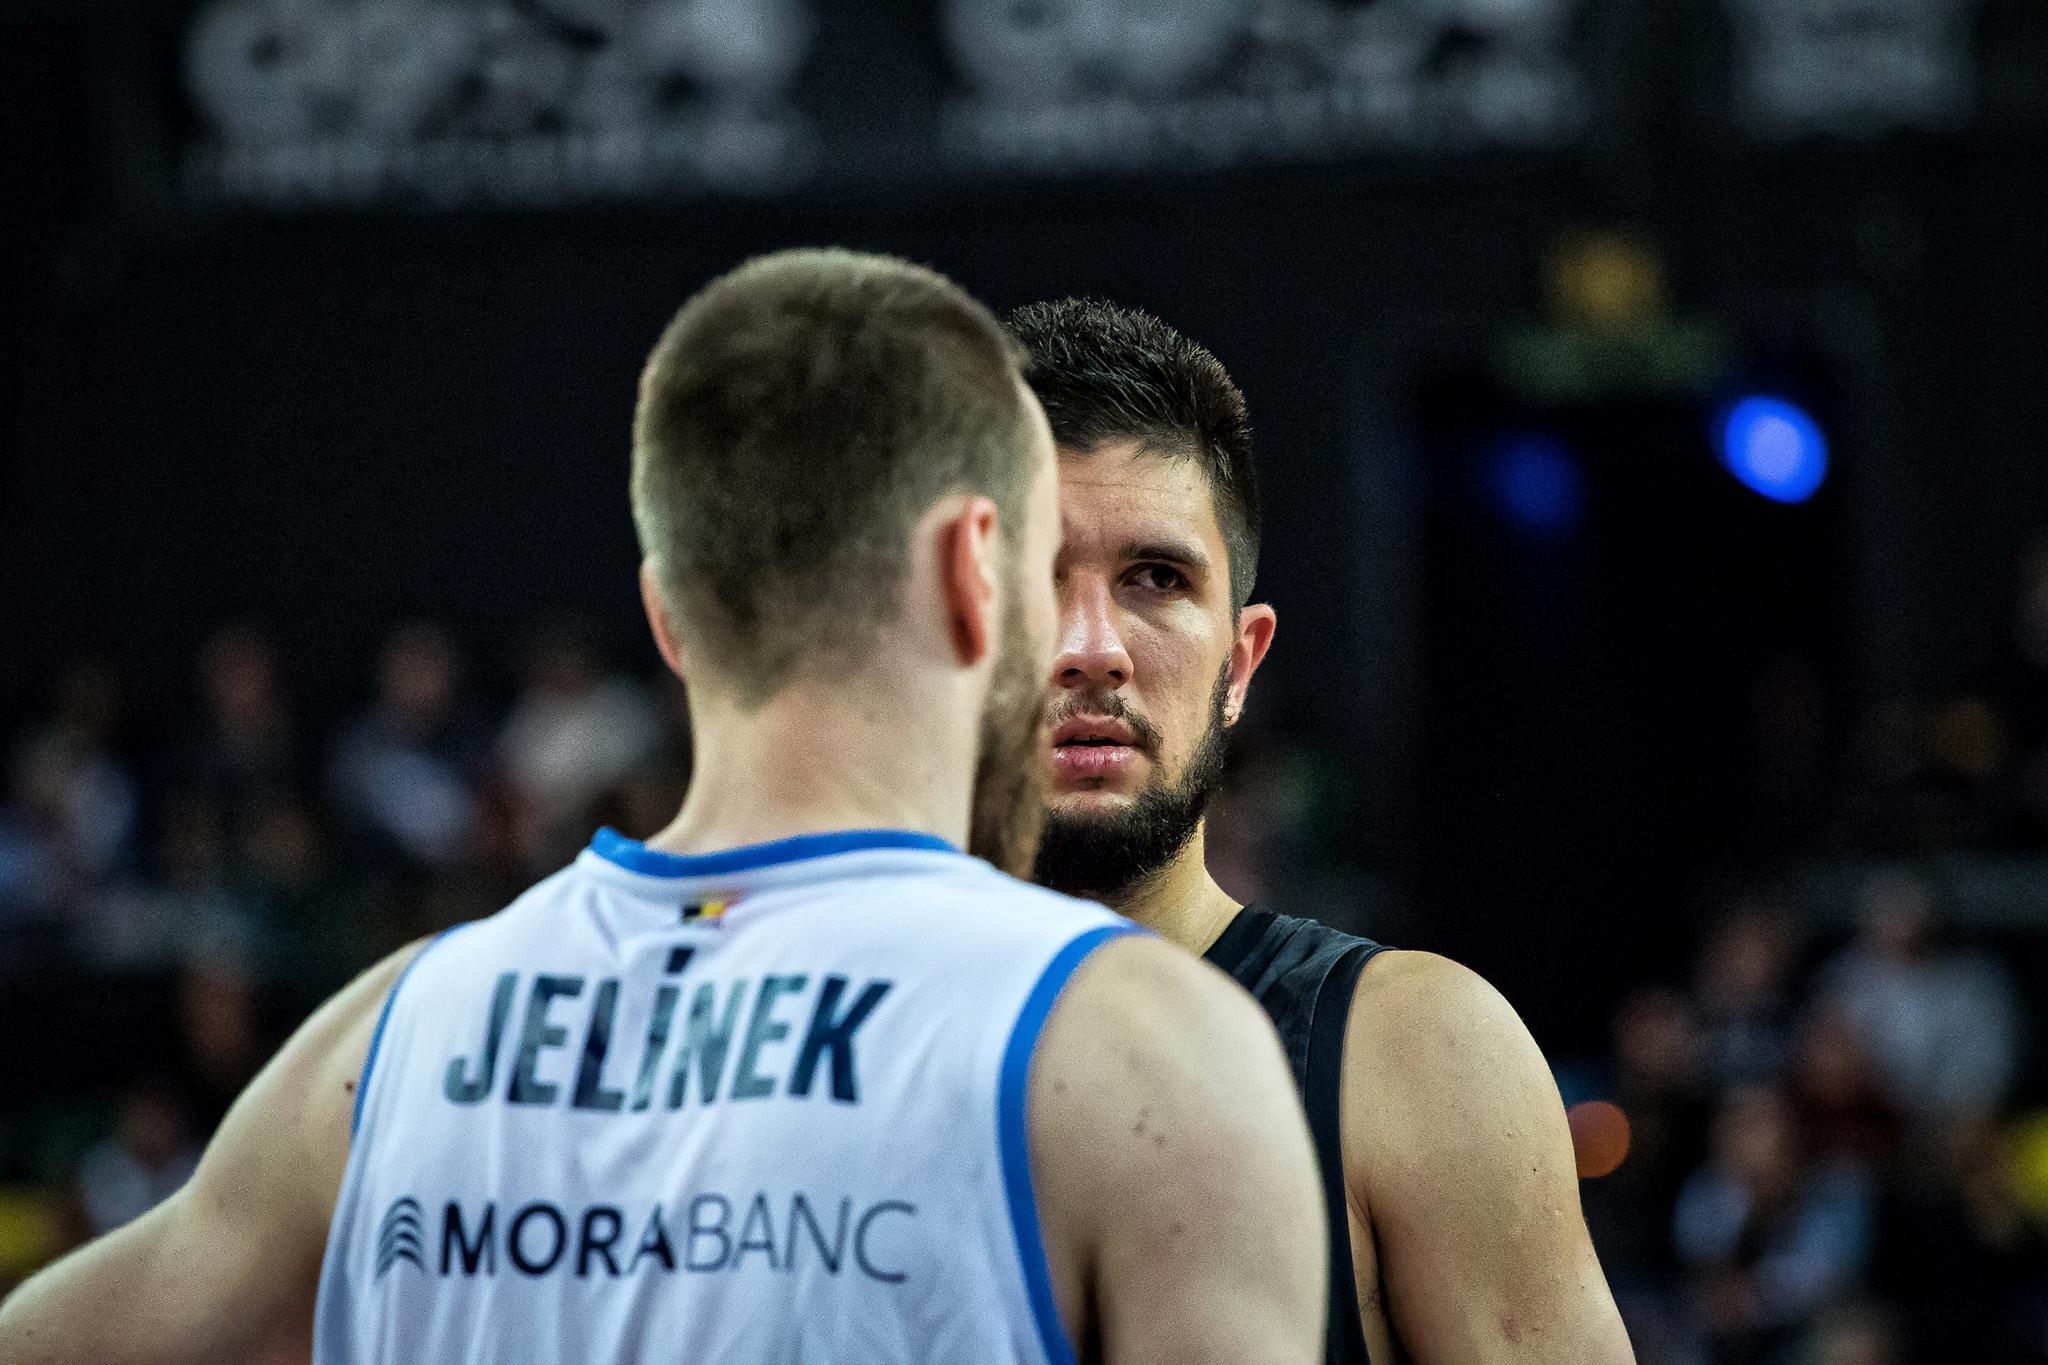 Bouteille y Jelinek (Foto: Luis Fernando Boo).